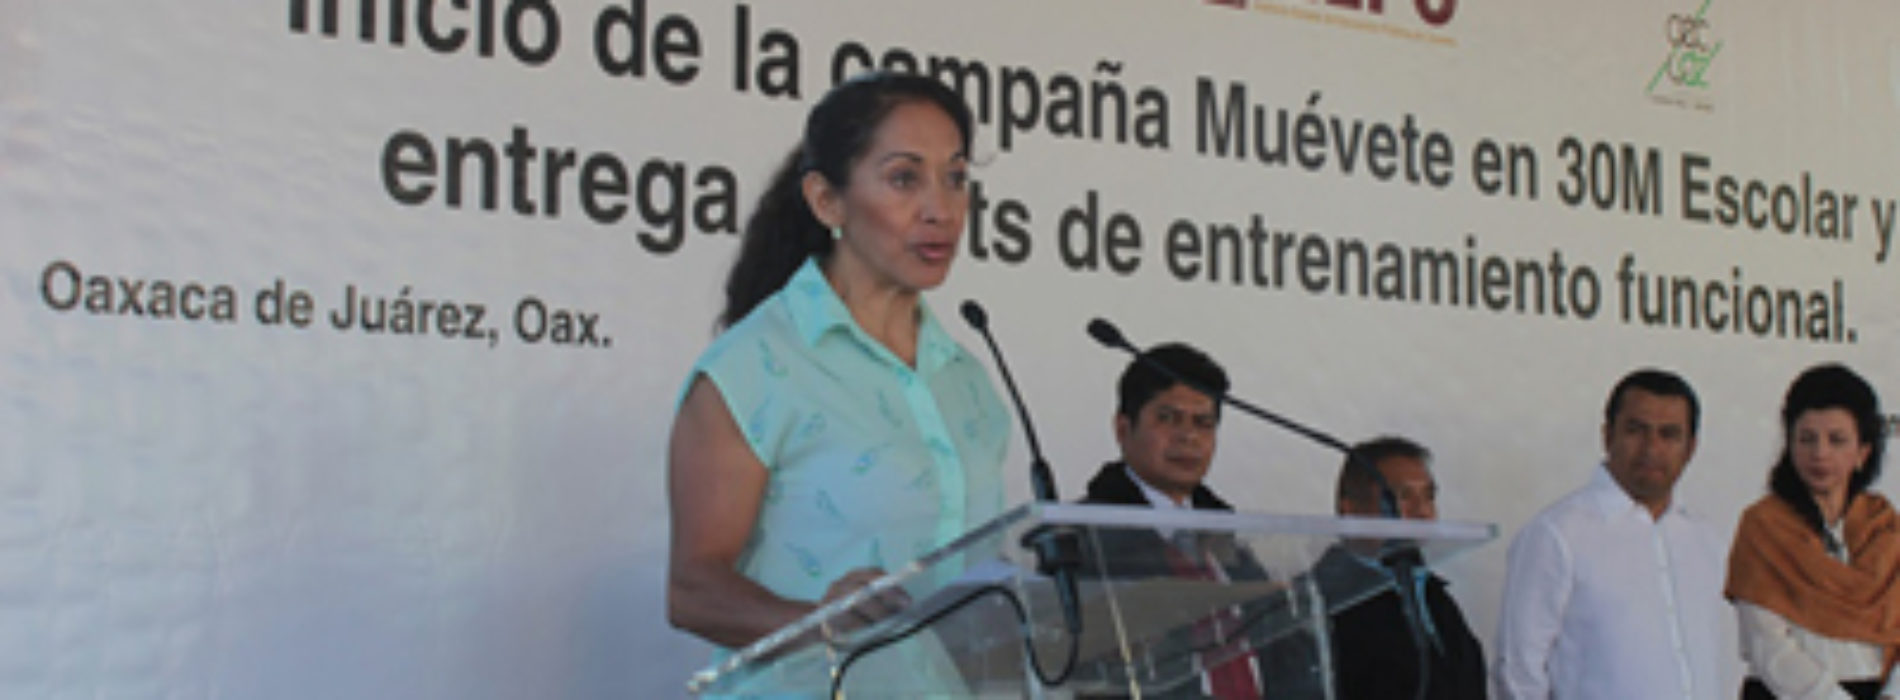 """Se activa la primaria """"Carlos A. Carrillo"""" con el programa """"Muévete en 30 M"""""""